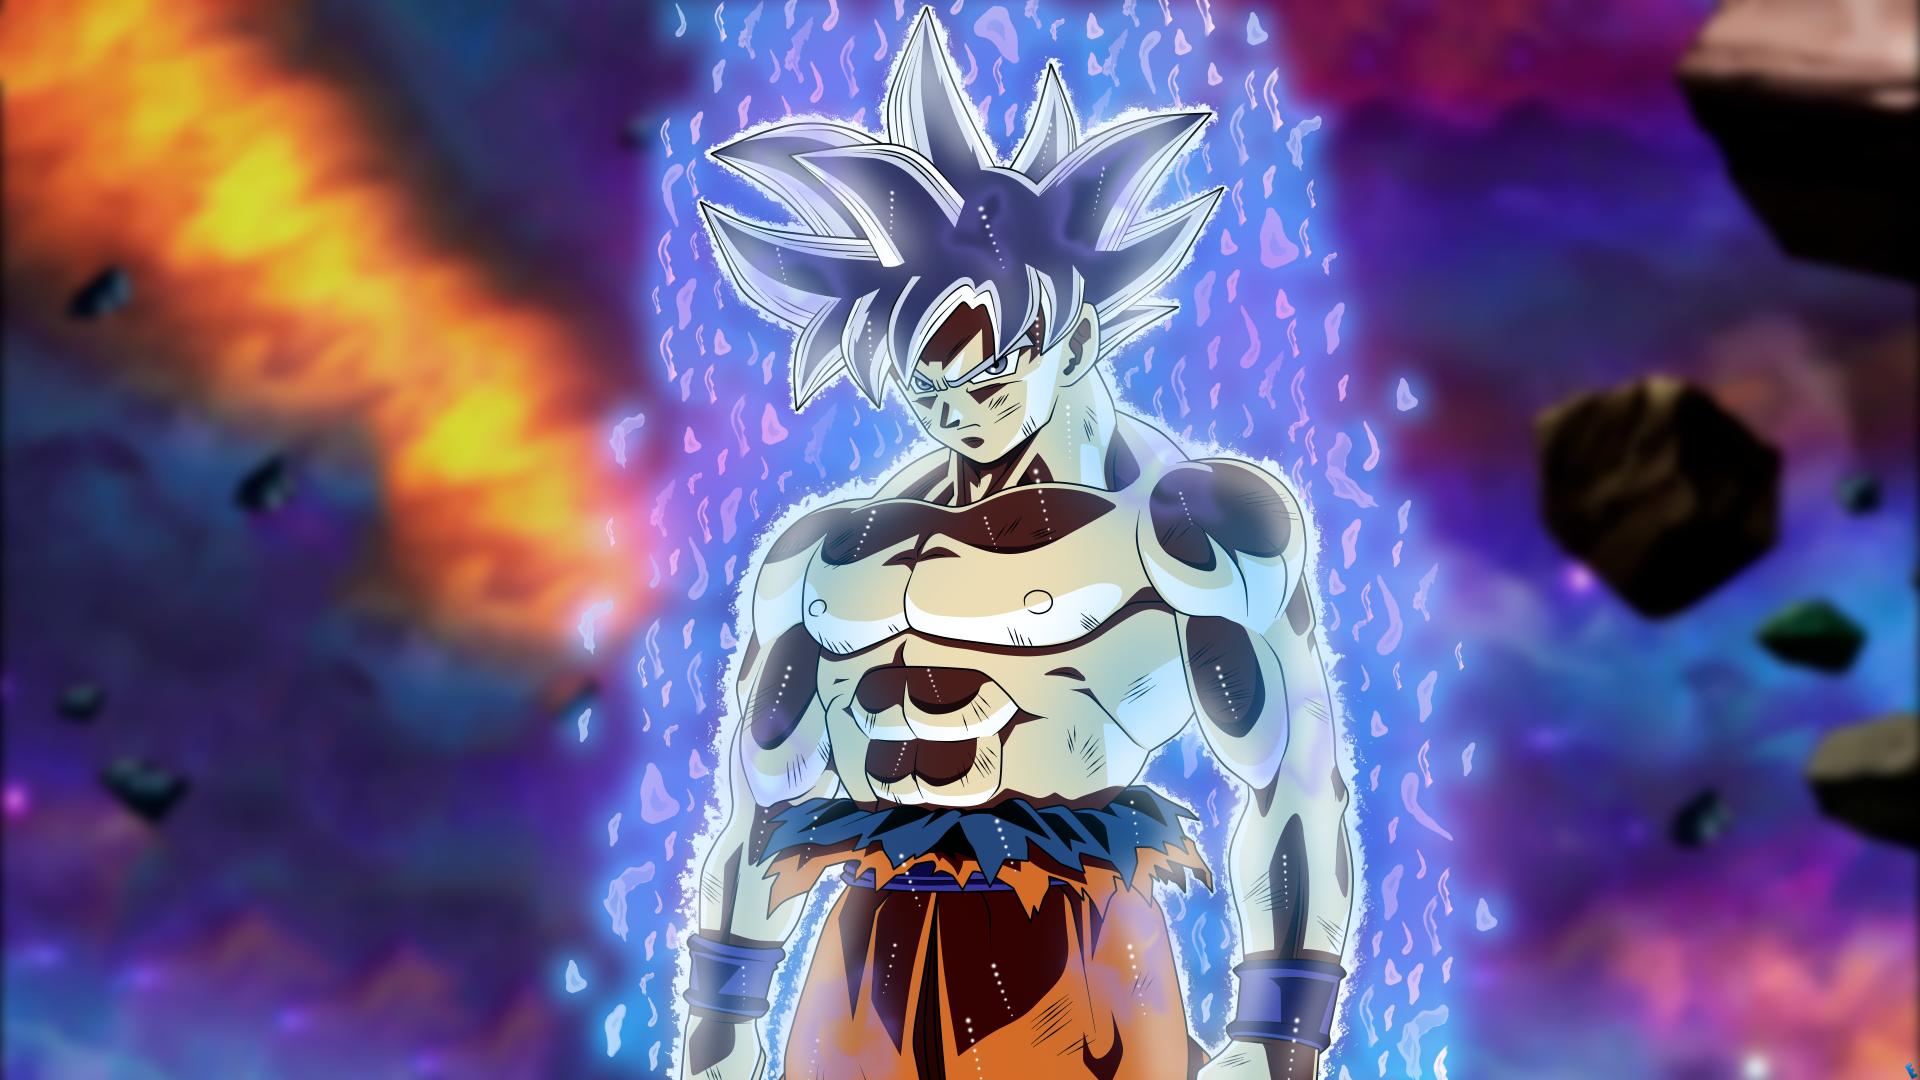 Los Mejores Fondos De Pantalla De Goku Migatte No Gokui Hd: Goku Migatte No Gokui Perfecto 5k Retina Ultra Fondo De